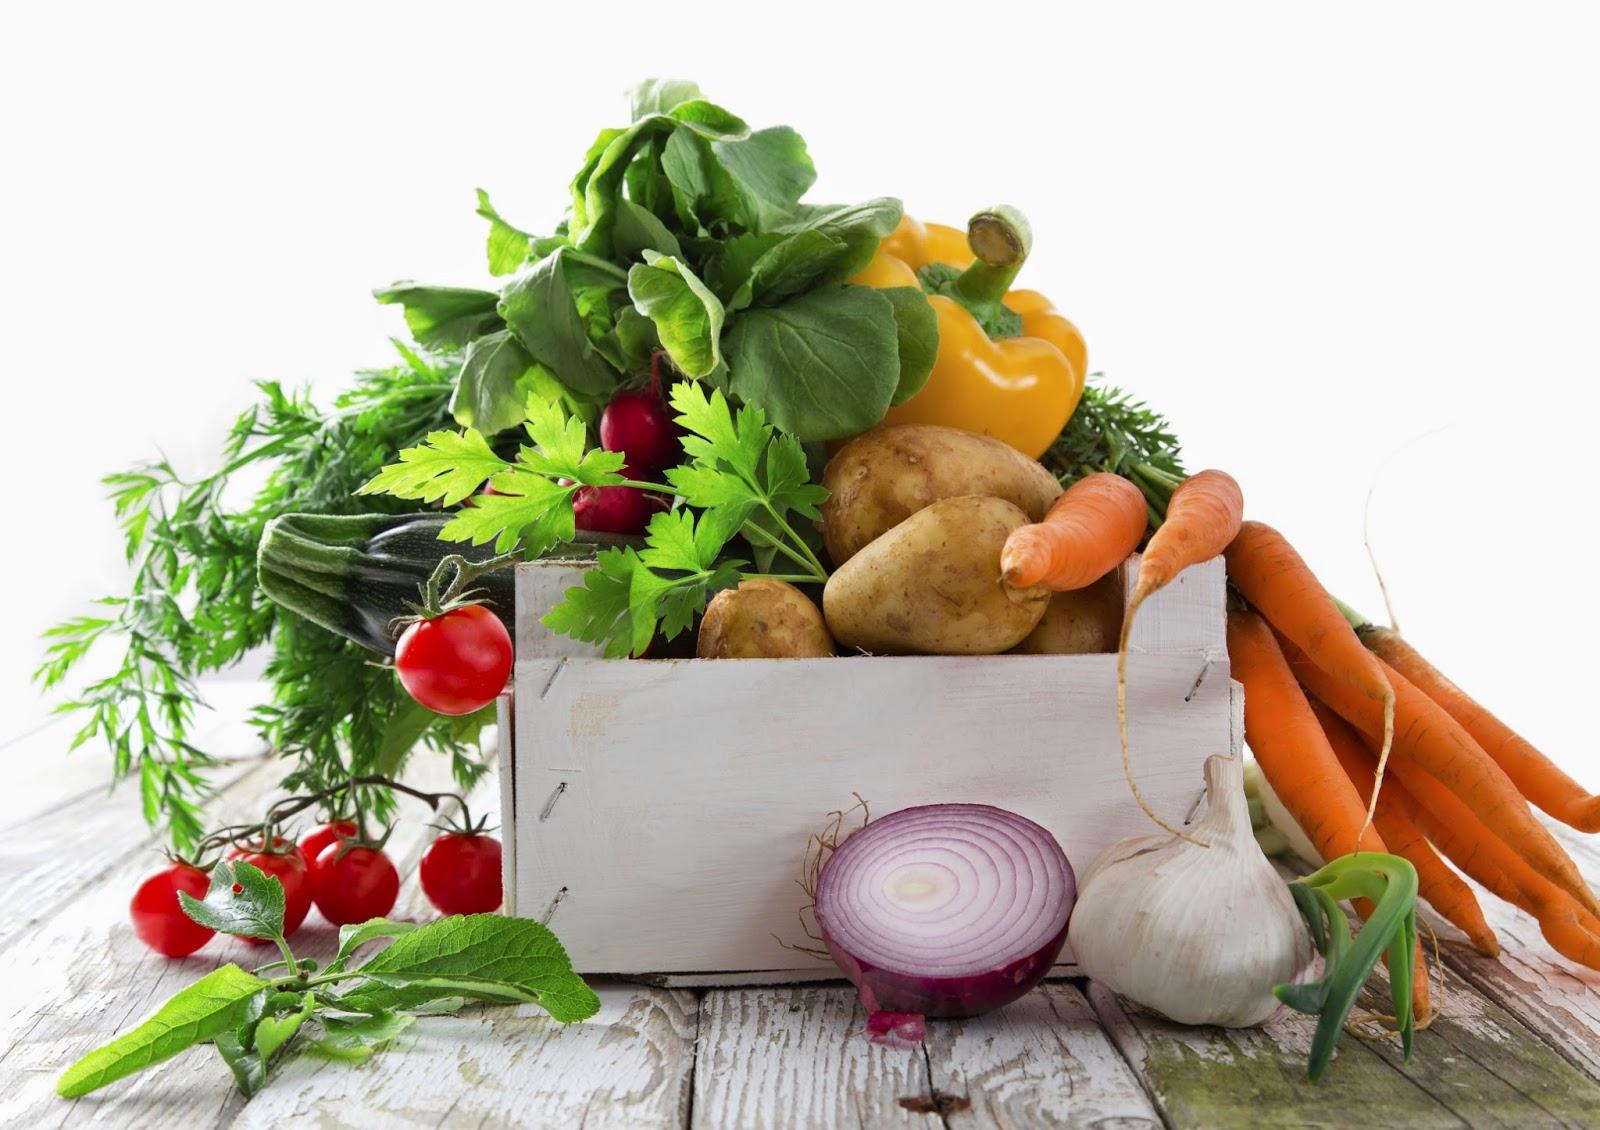 Il mercato del contadino 19 Aprile Melzo (MI)